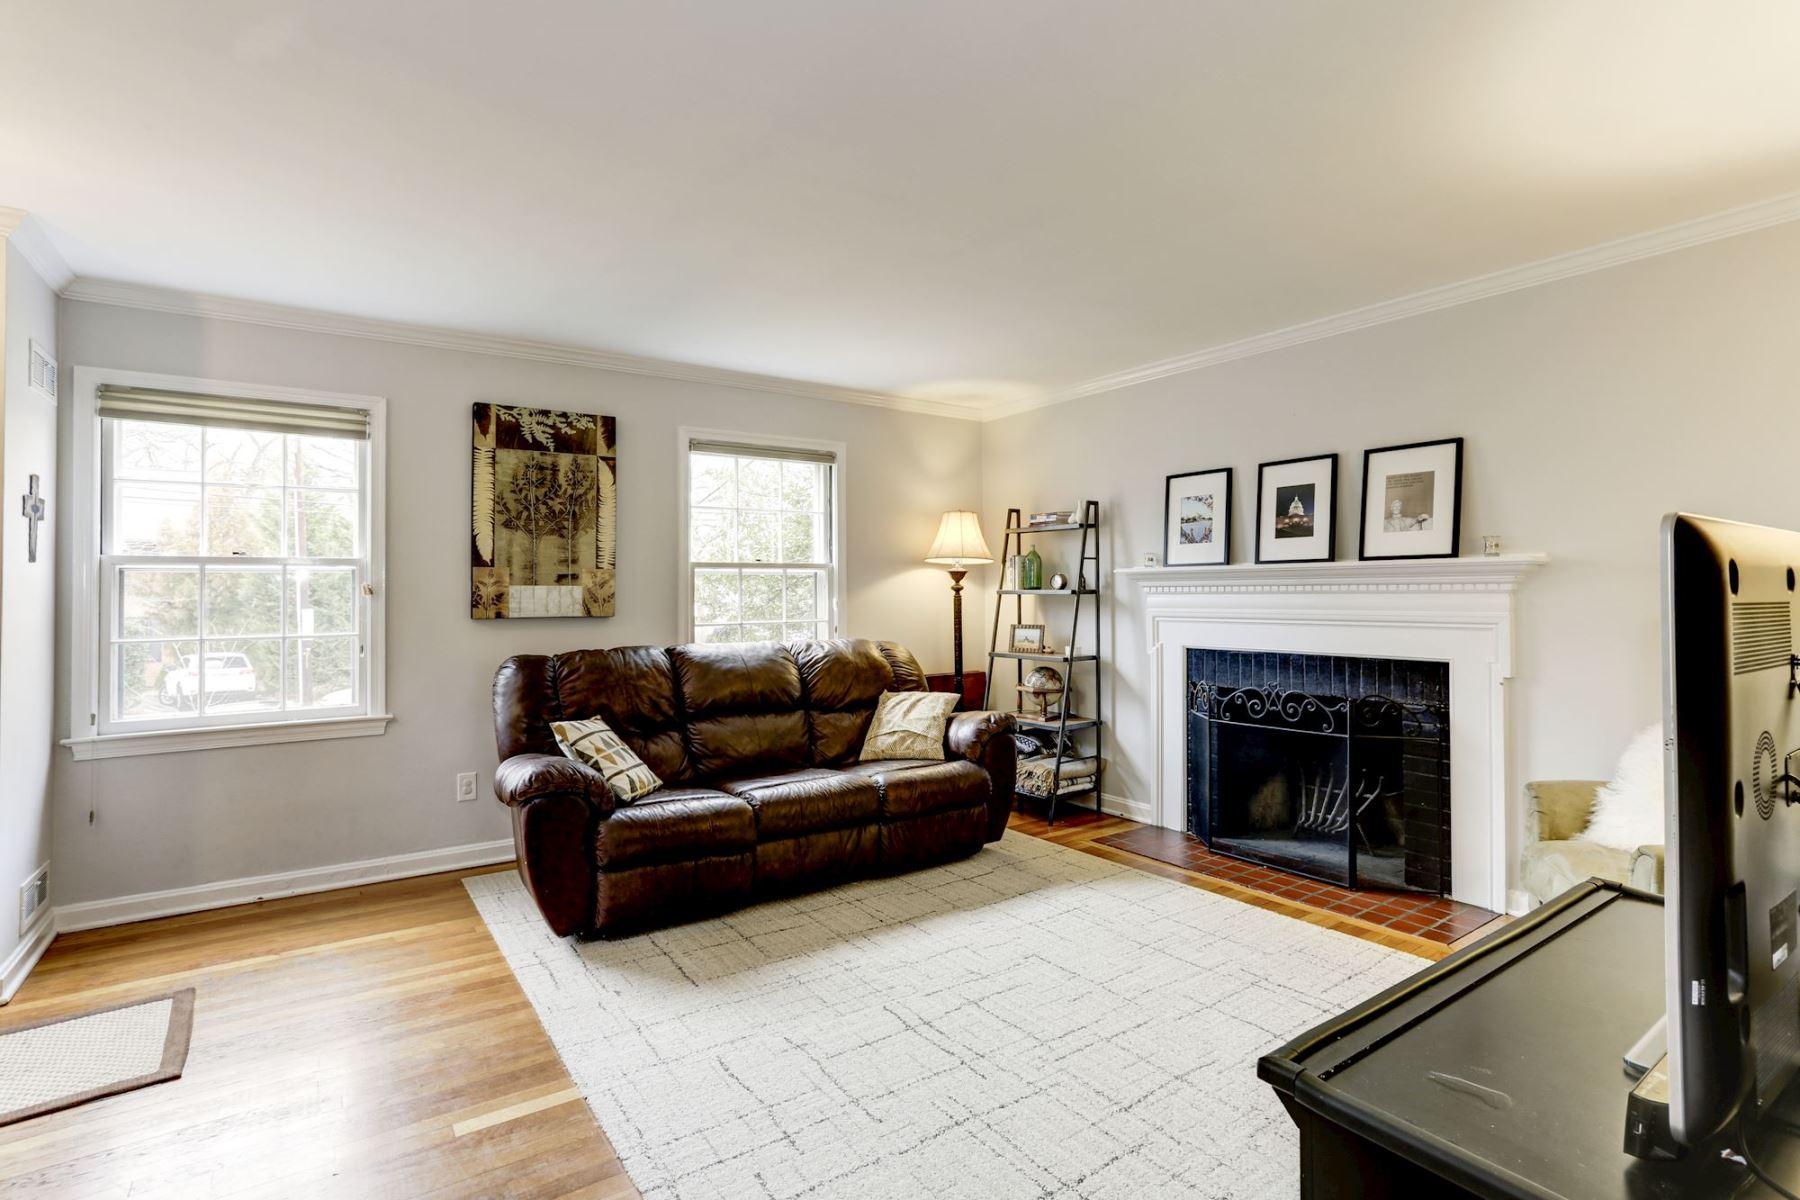 Частный односемейный дом для того Продажа на 3315 Idaho Ave Nw Cleveland Park, Washington, Округ Колумбия, 20016 Соединенные Штаты